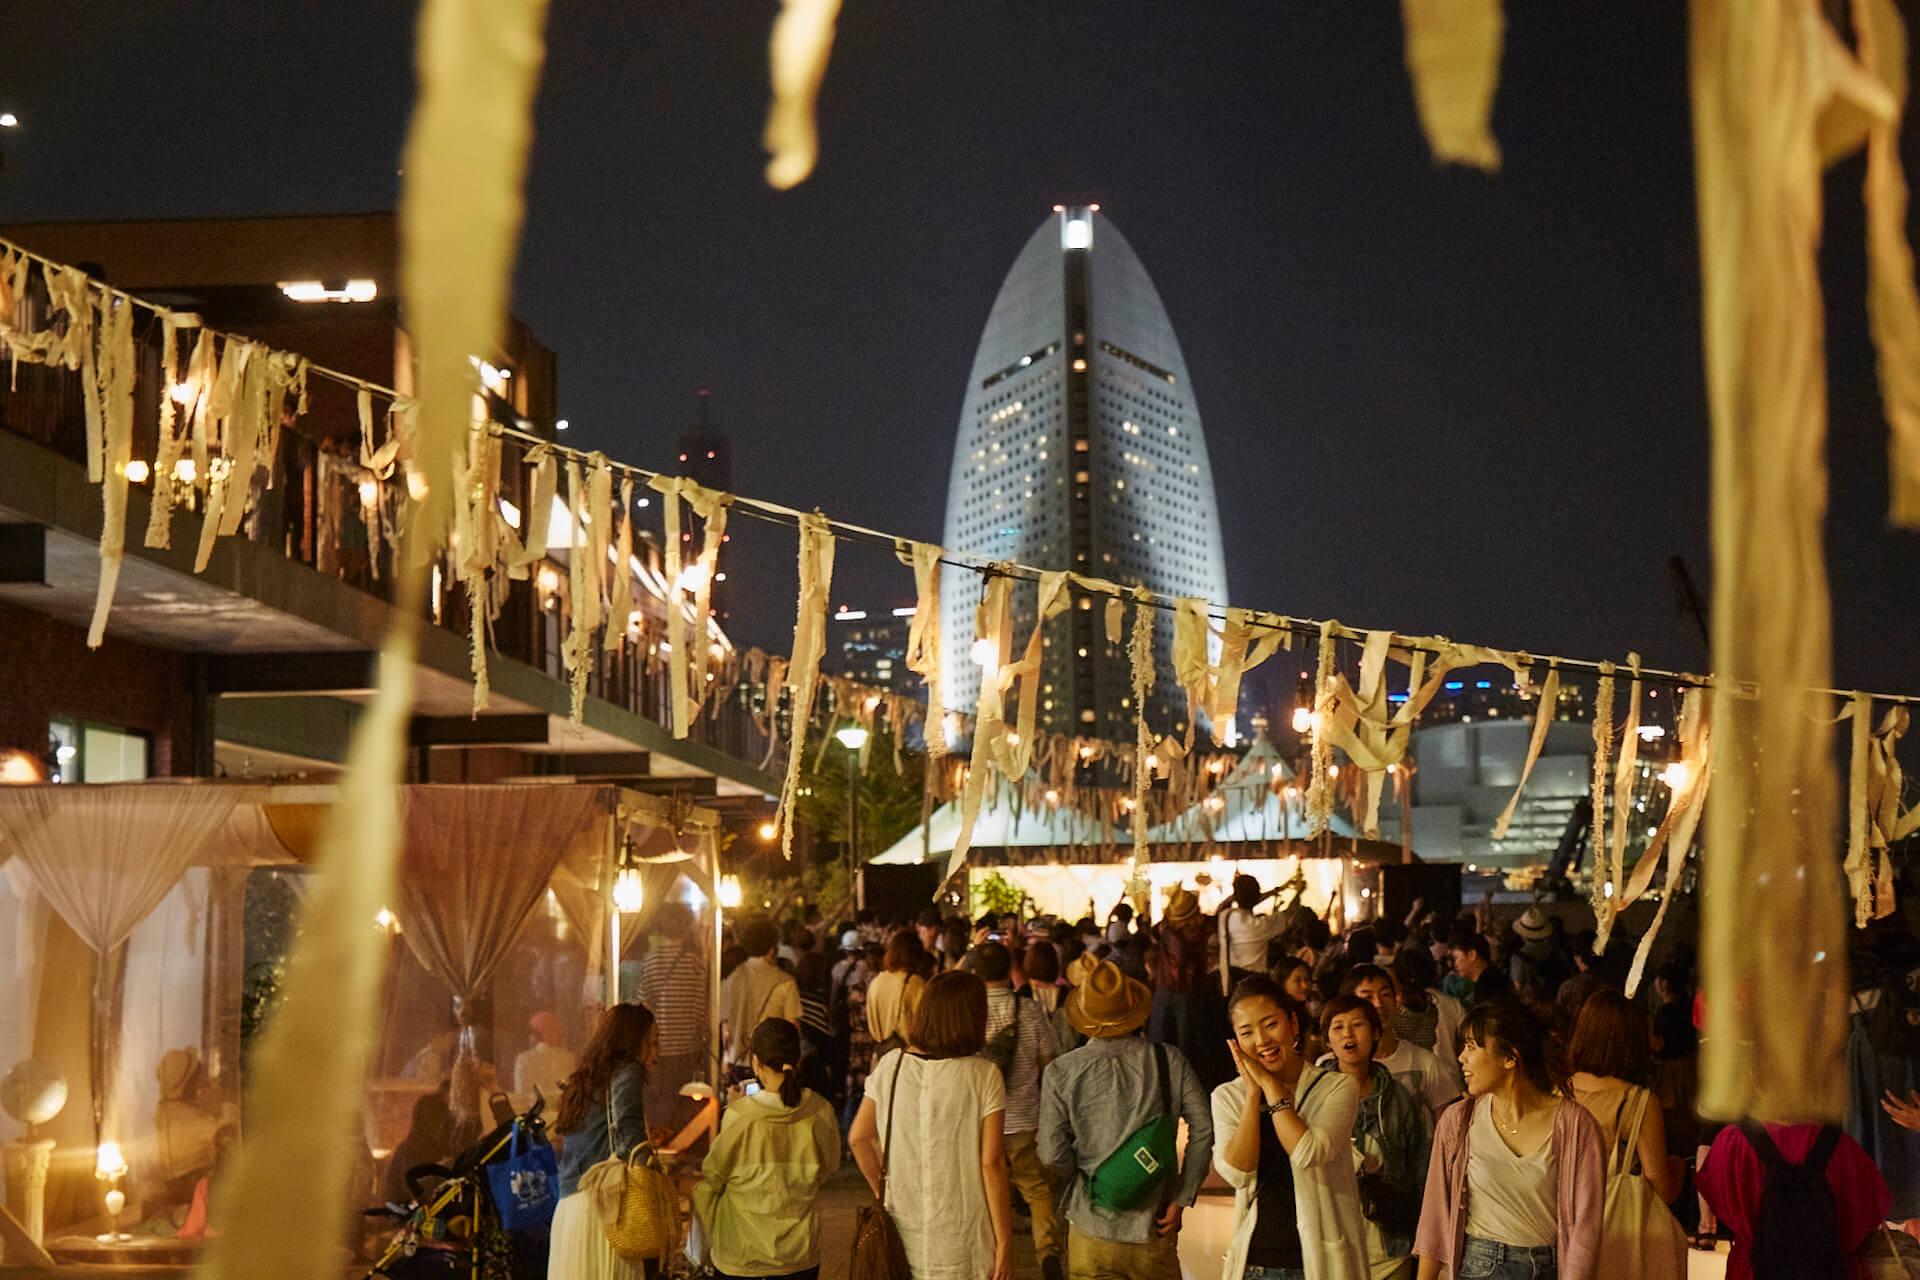 15周年「GREENROOM FESTIVAL」の魅力徹底解剖|楽しみ方とおすすめアーティスト紹介 greenroomfestival2019-6